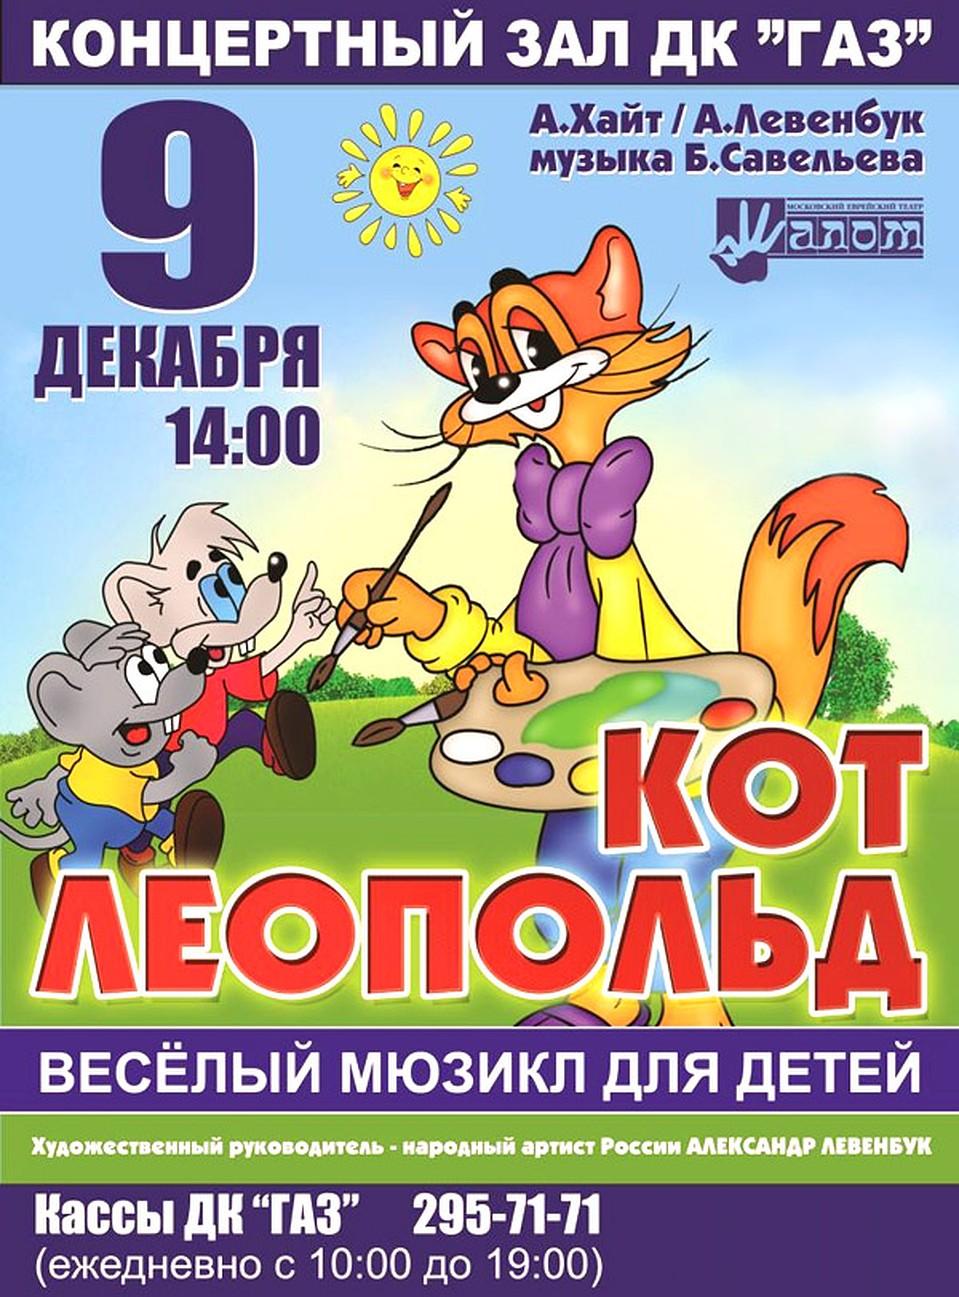 Театральные афиши для детей картинки